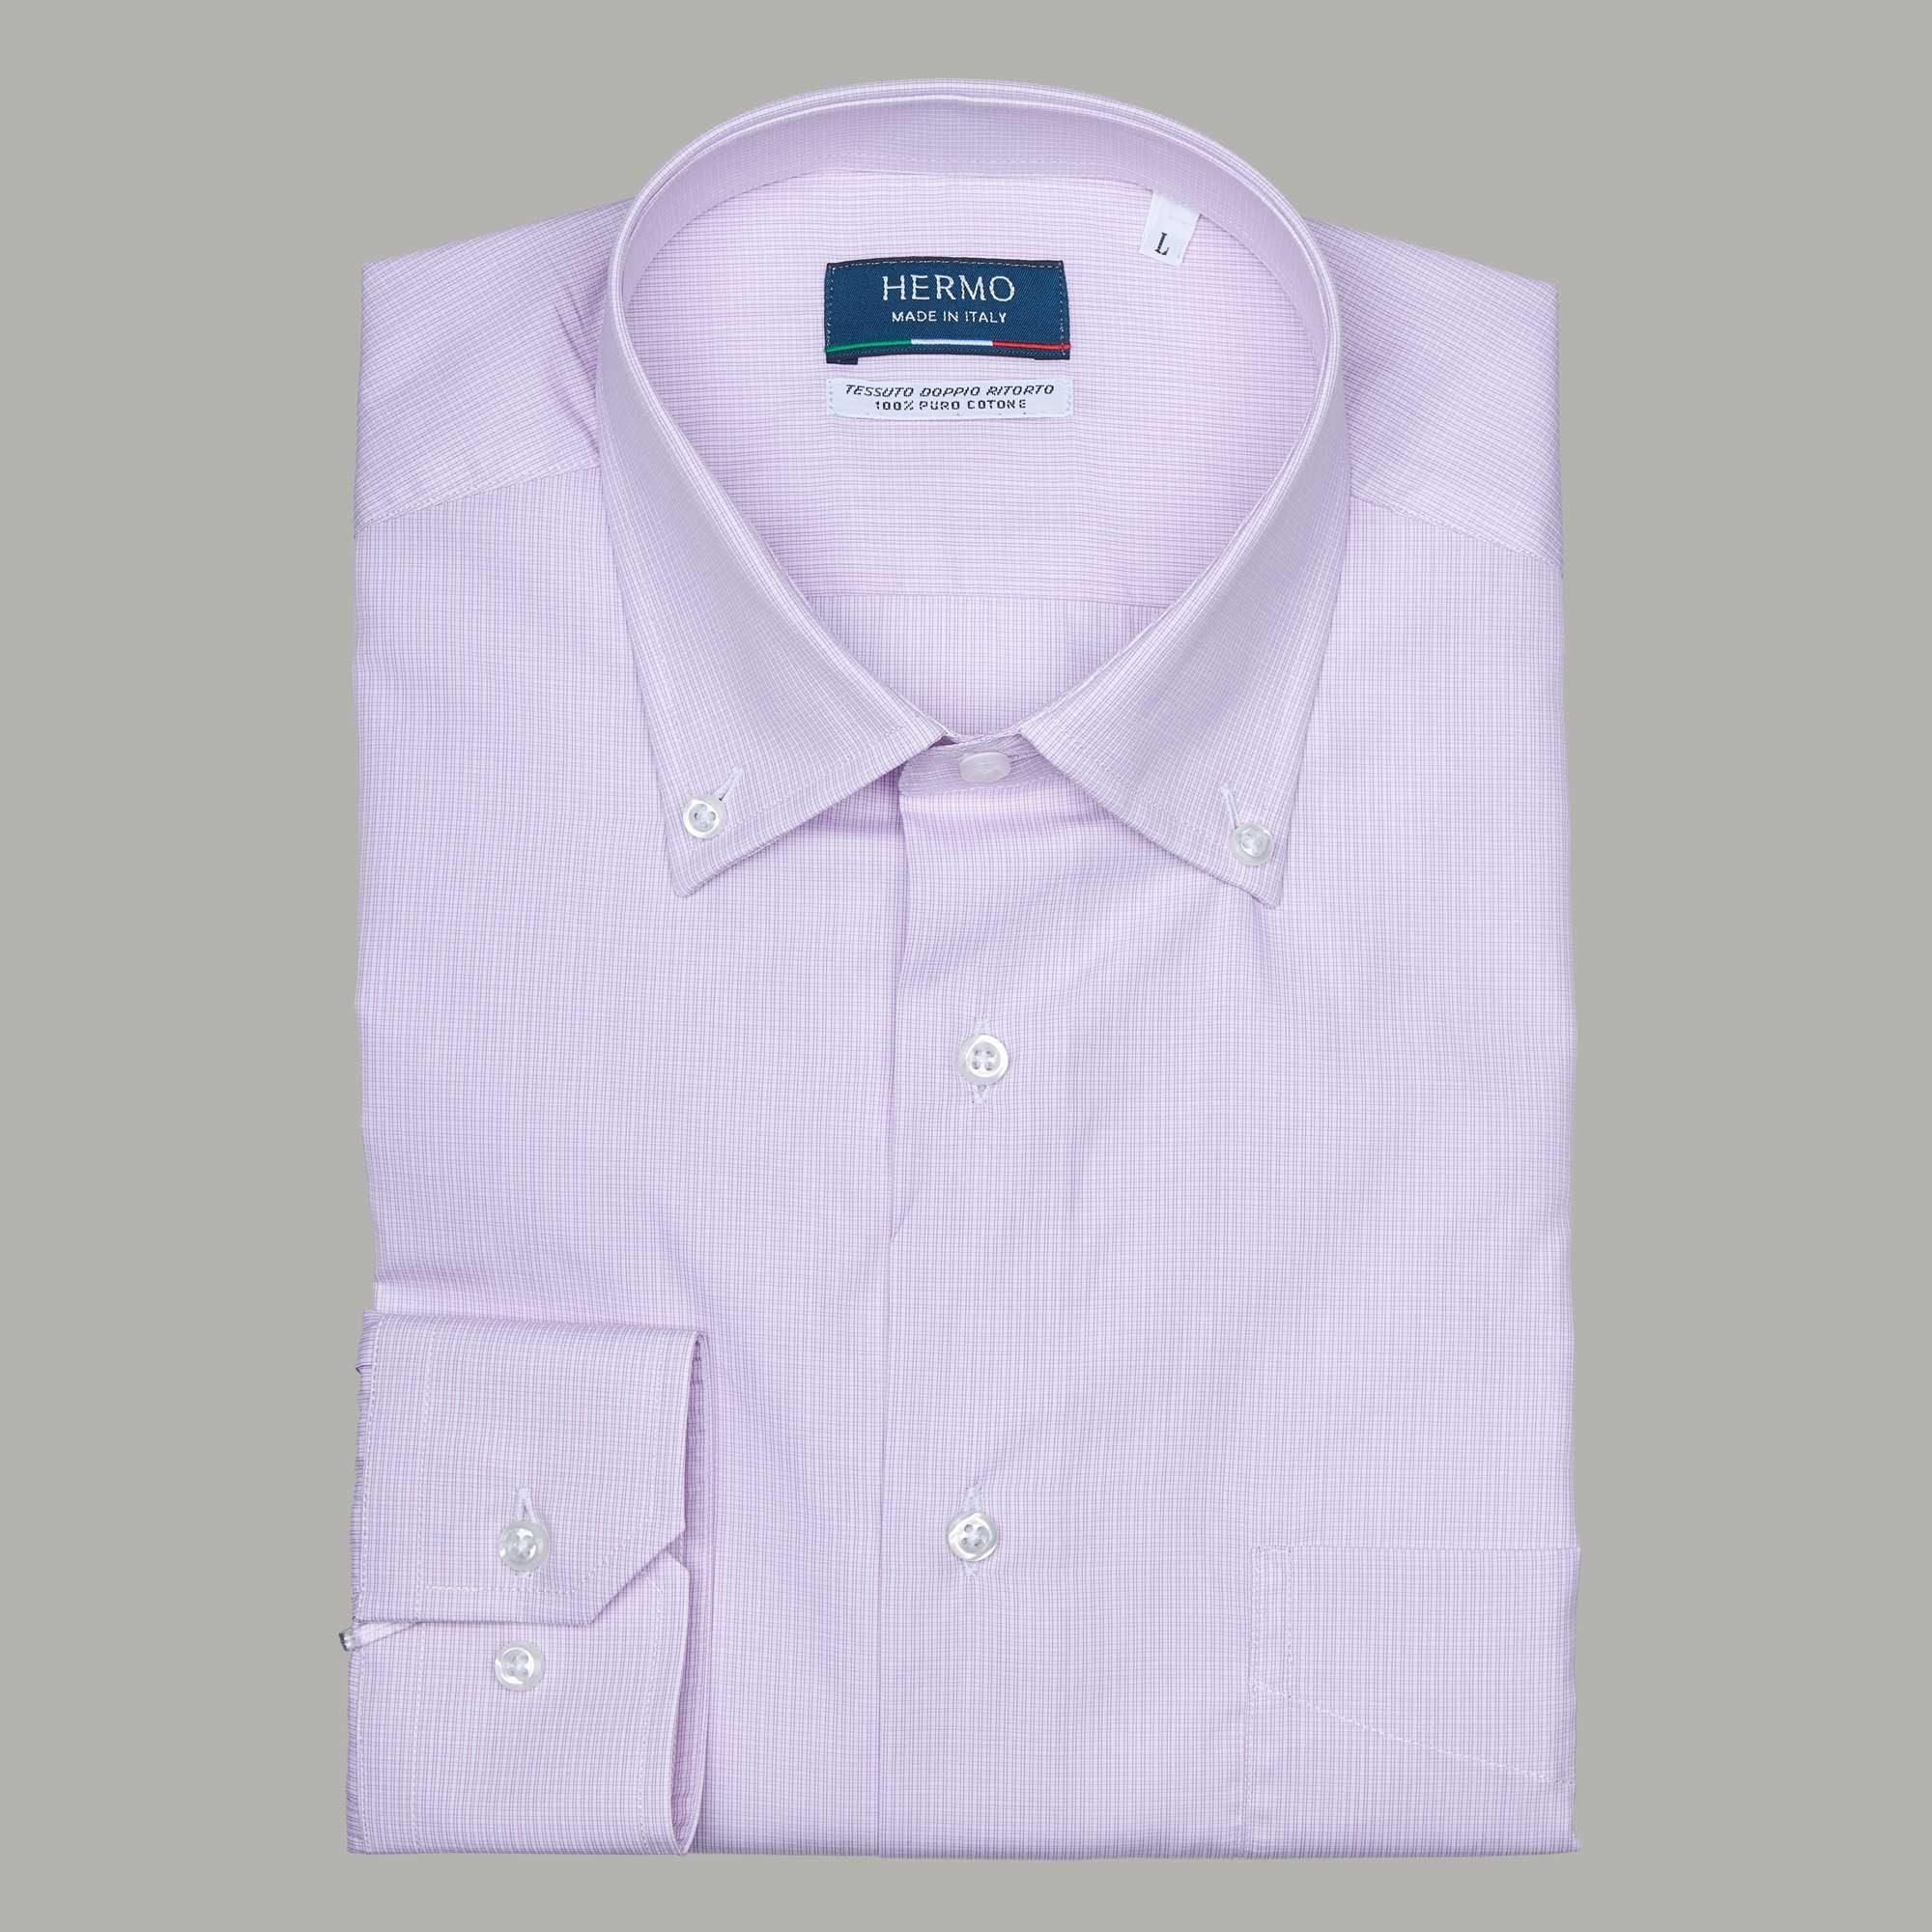 Camicia da uomo rosa 100% puro cotone doppio ritorto